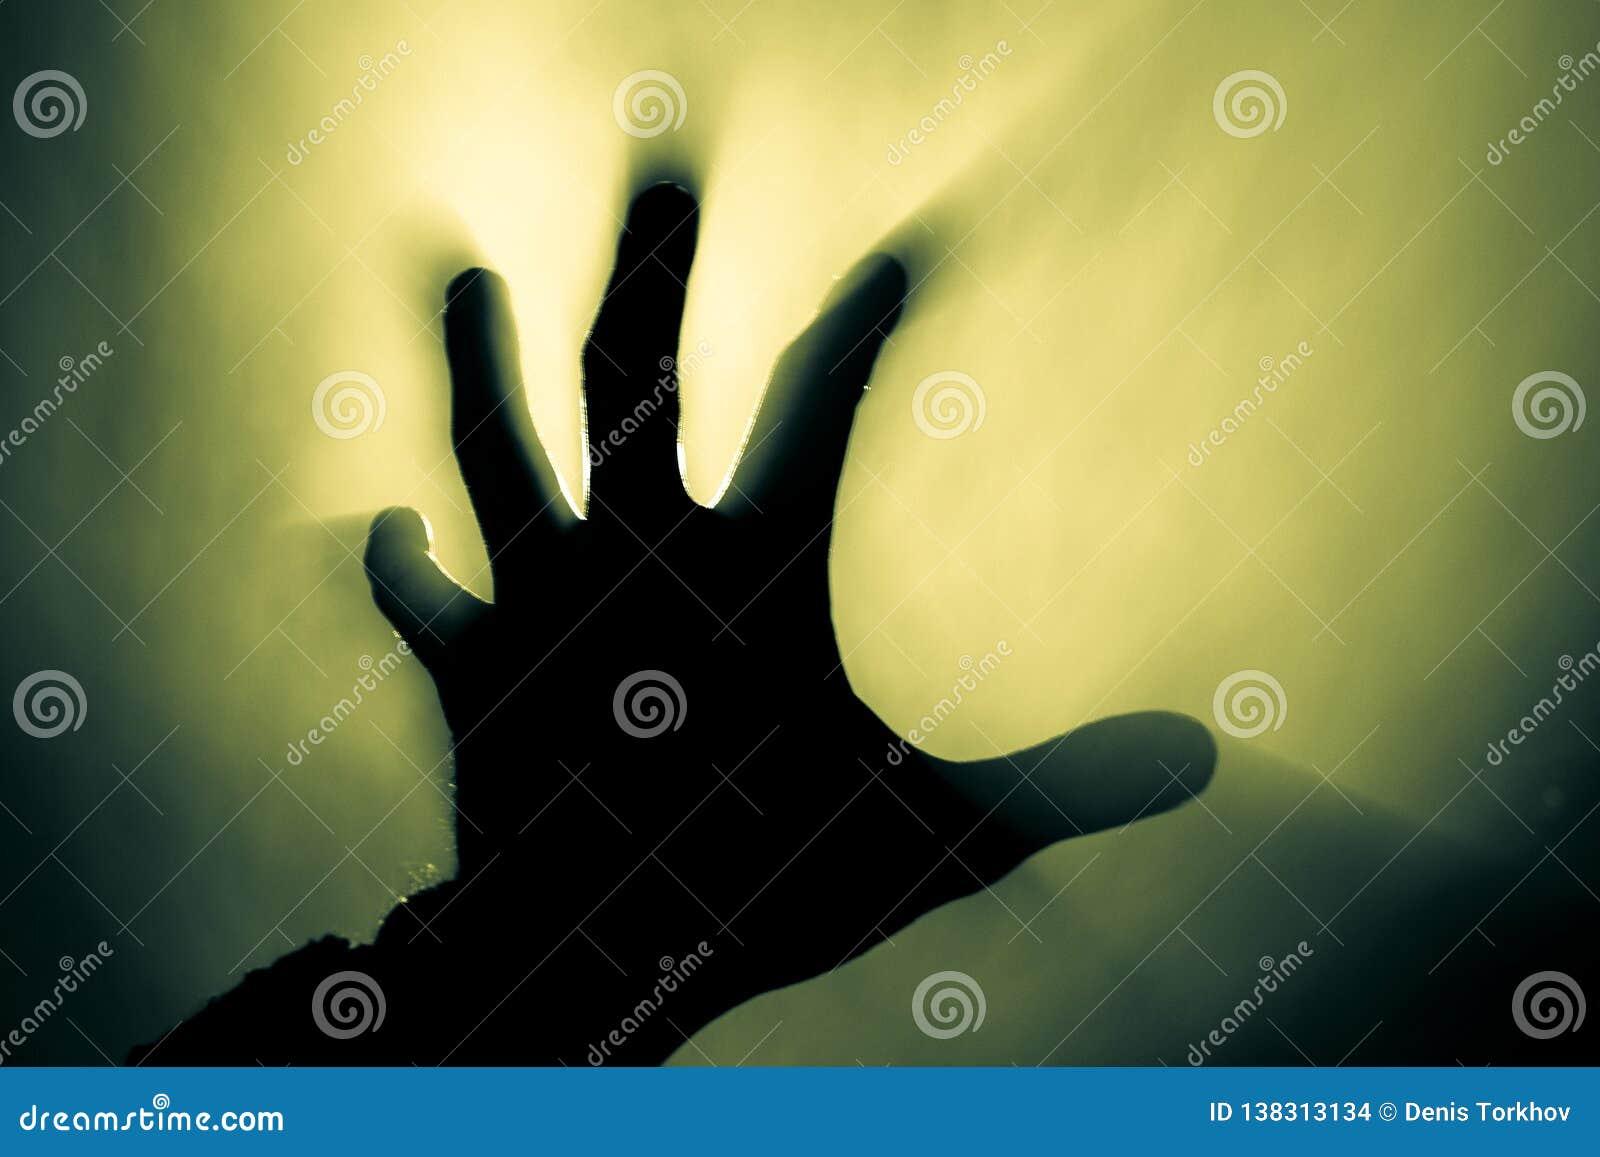 Unscharfe Hand im Rauche in einem Feuer im grellen Licht der Sonne